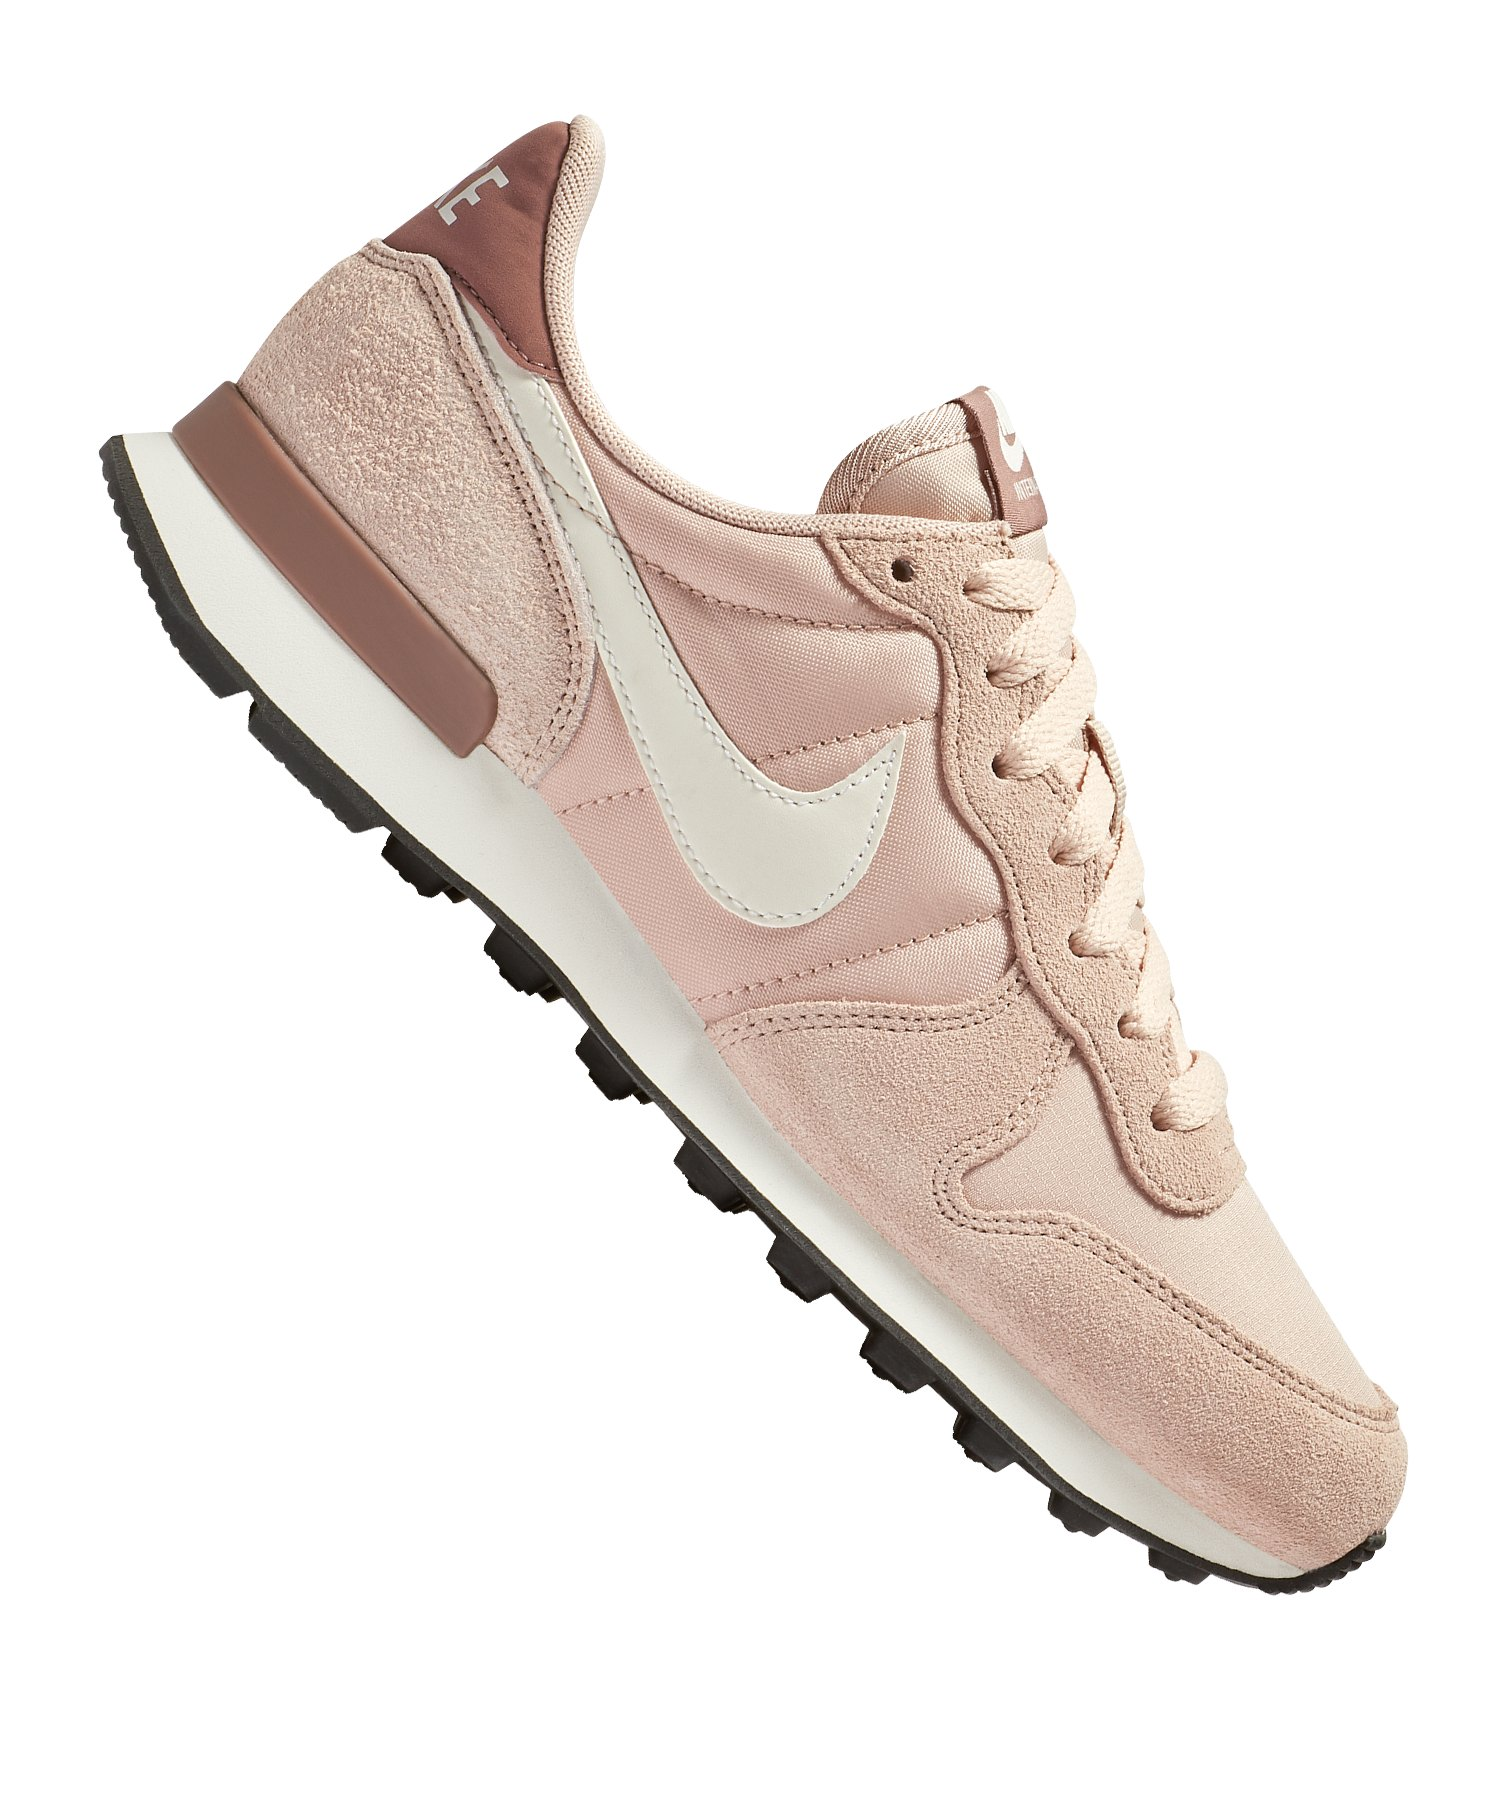 finest selection 40935 e33e1 Nike Internationalist Sneaker Damen Beige F211 - beige